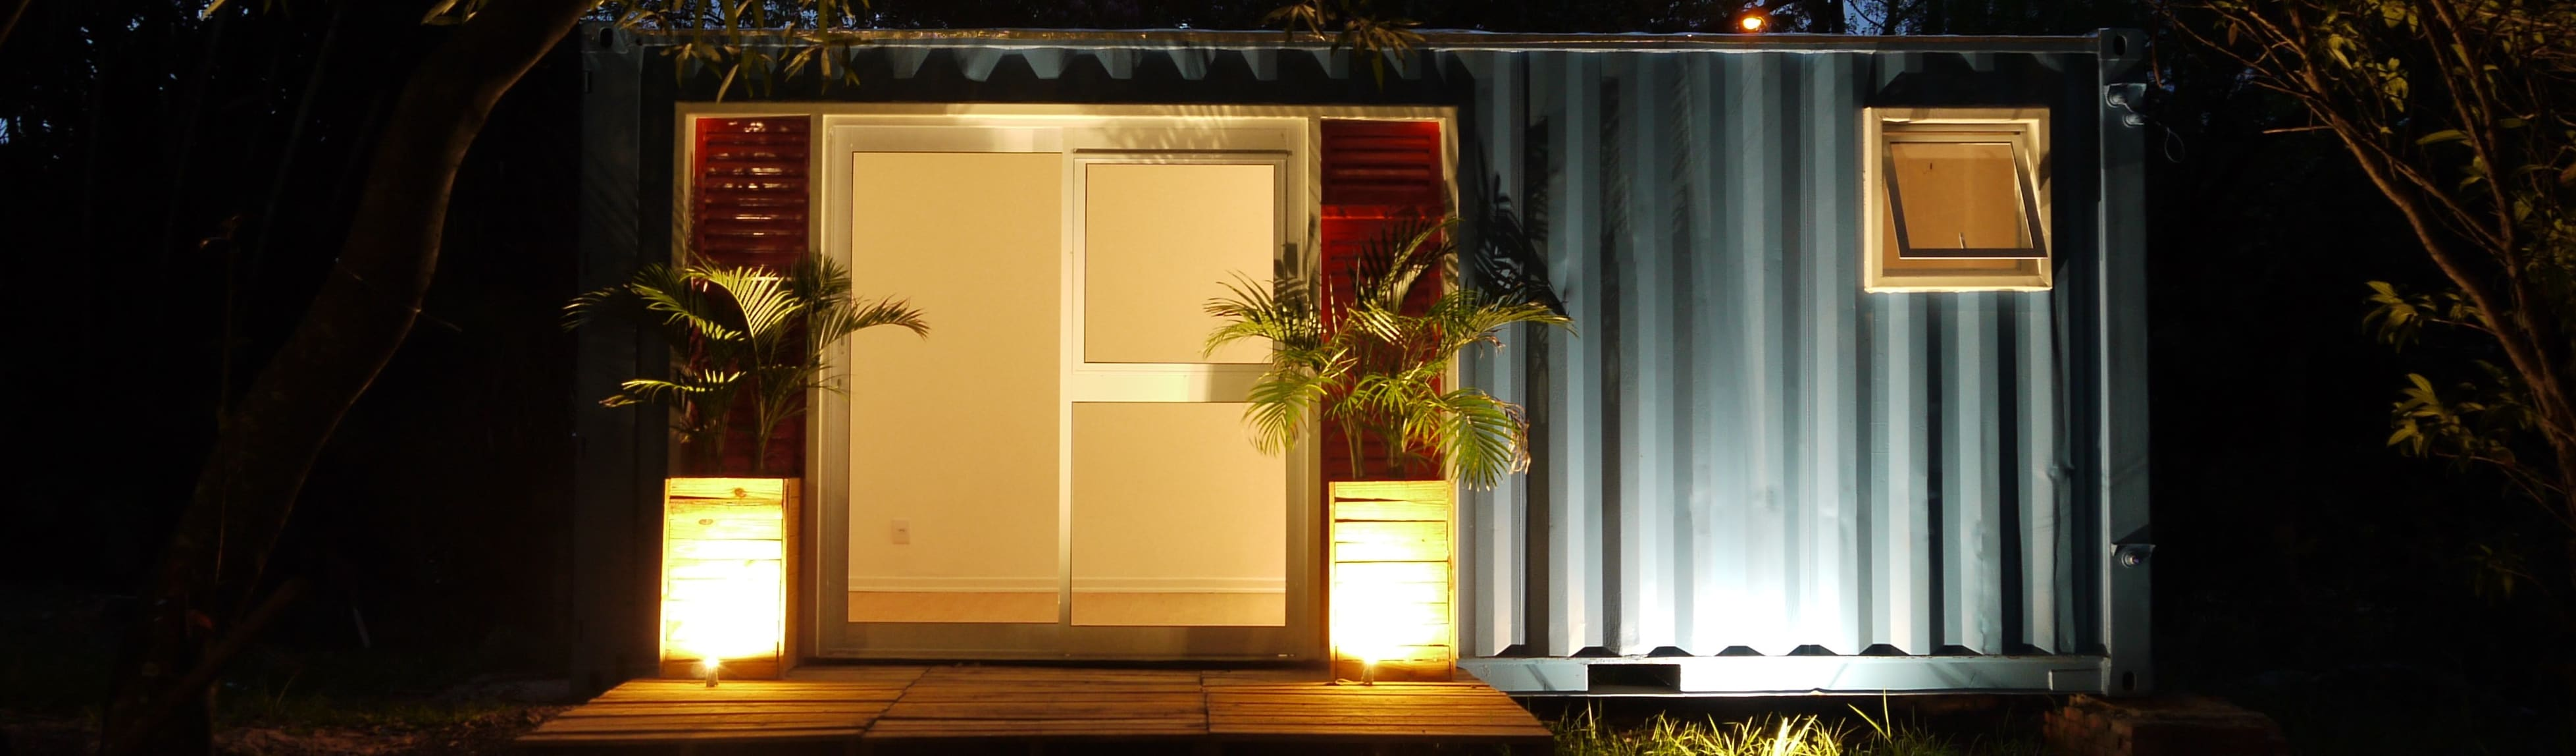 Casa Container Marilia—Arquitetura em Container